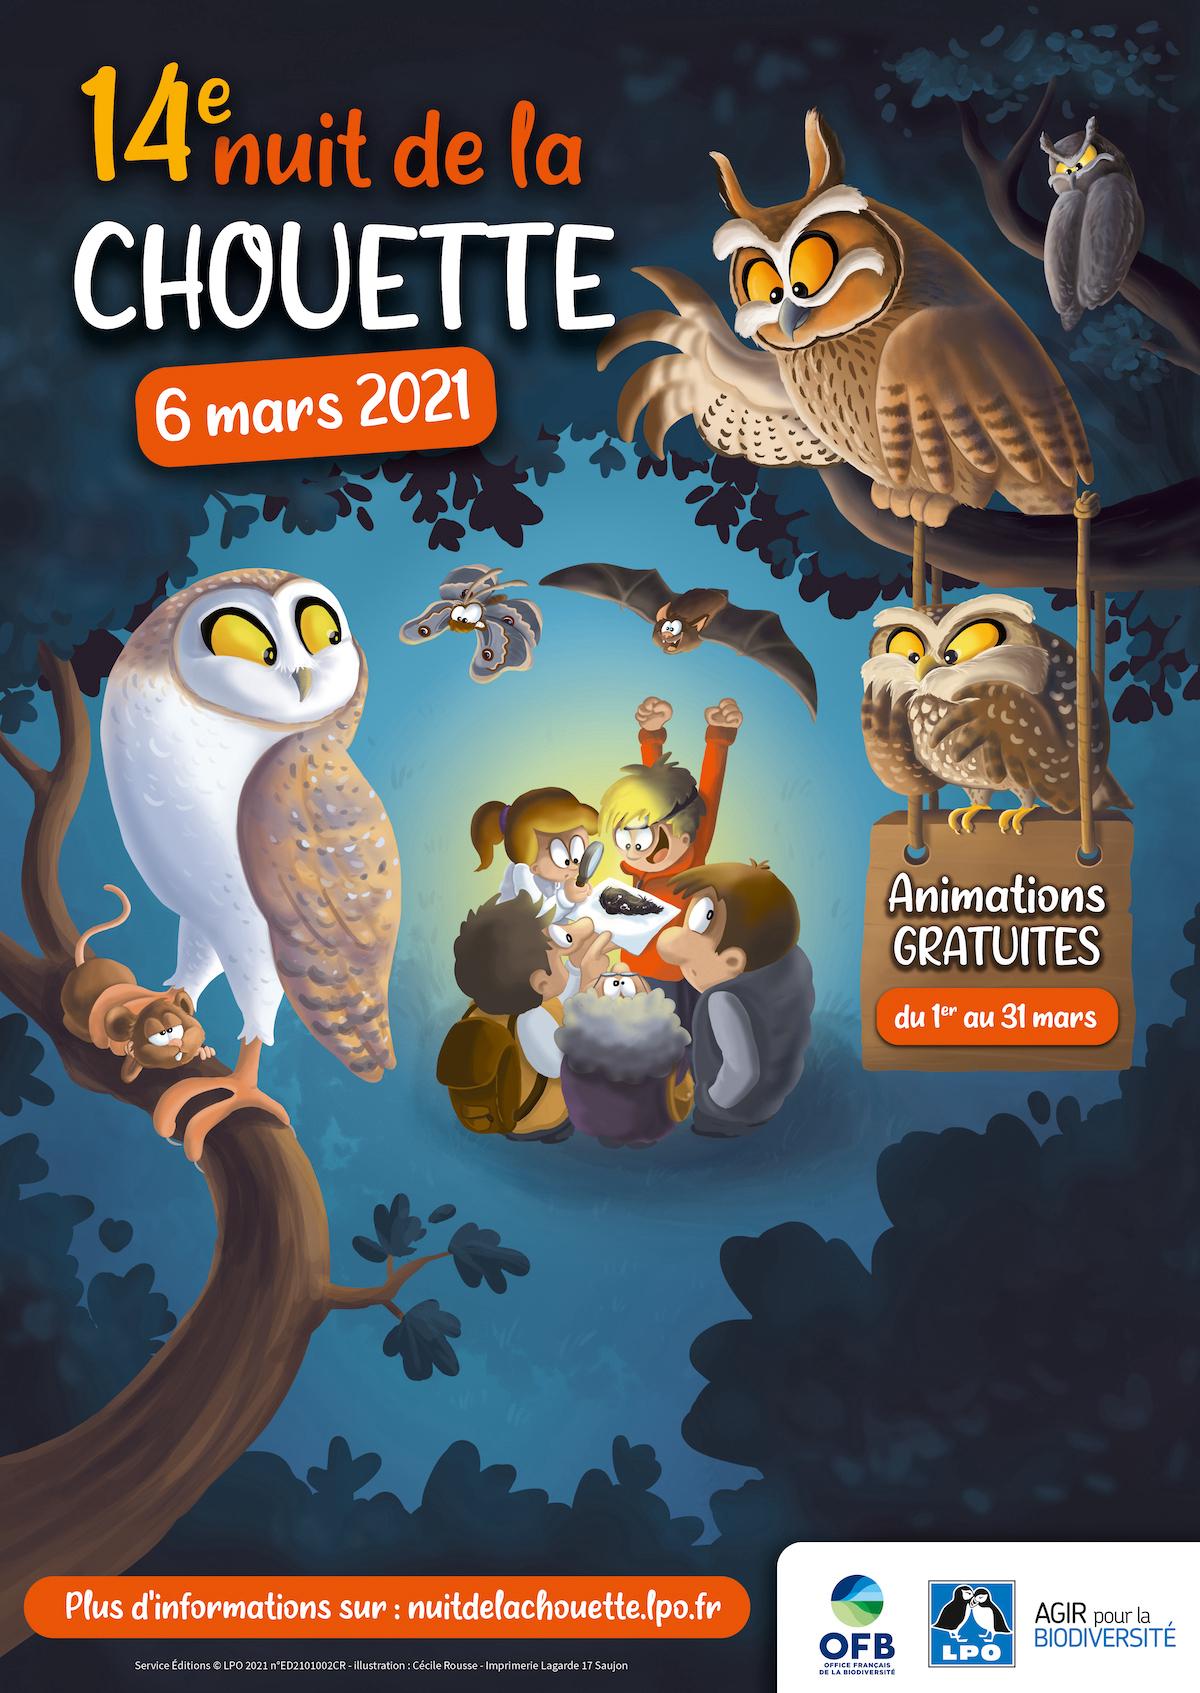 Nuit de la chouette, 14 ème édition